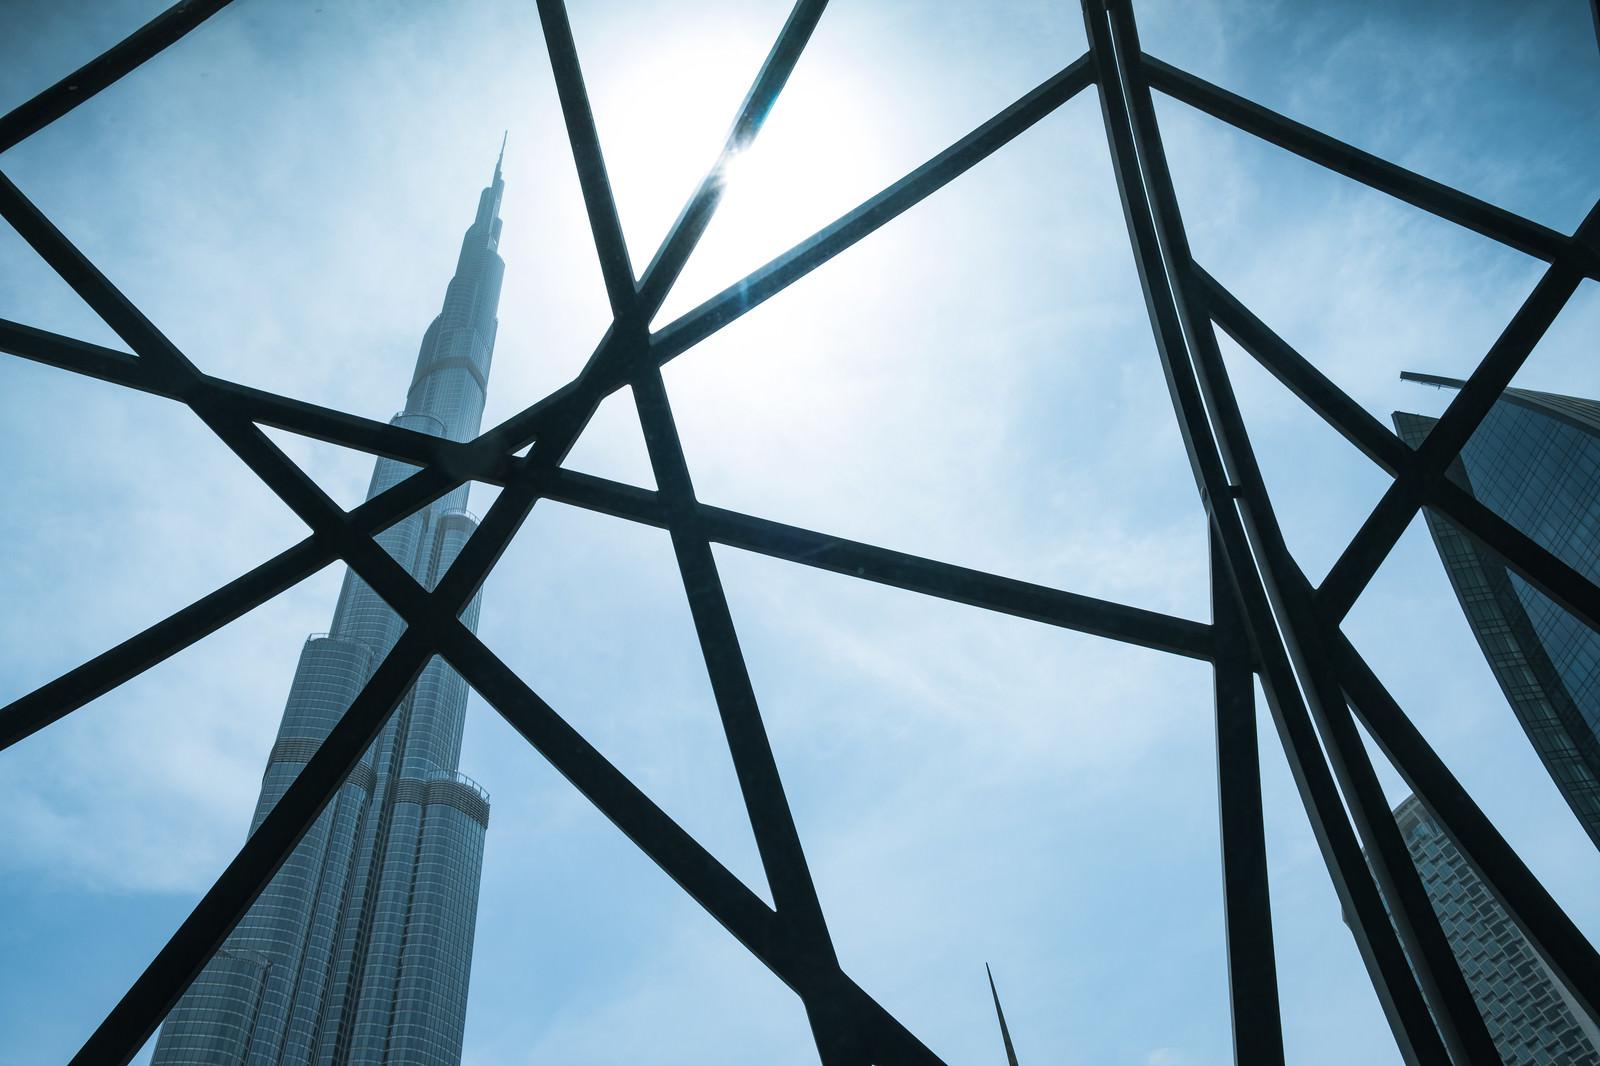 「格子越しに見る超高層ビル(ドバイ)」の写真